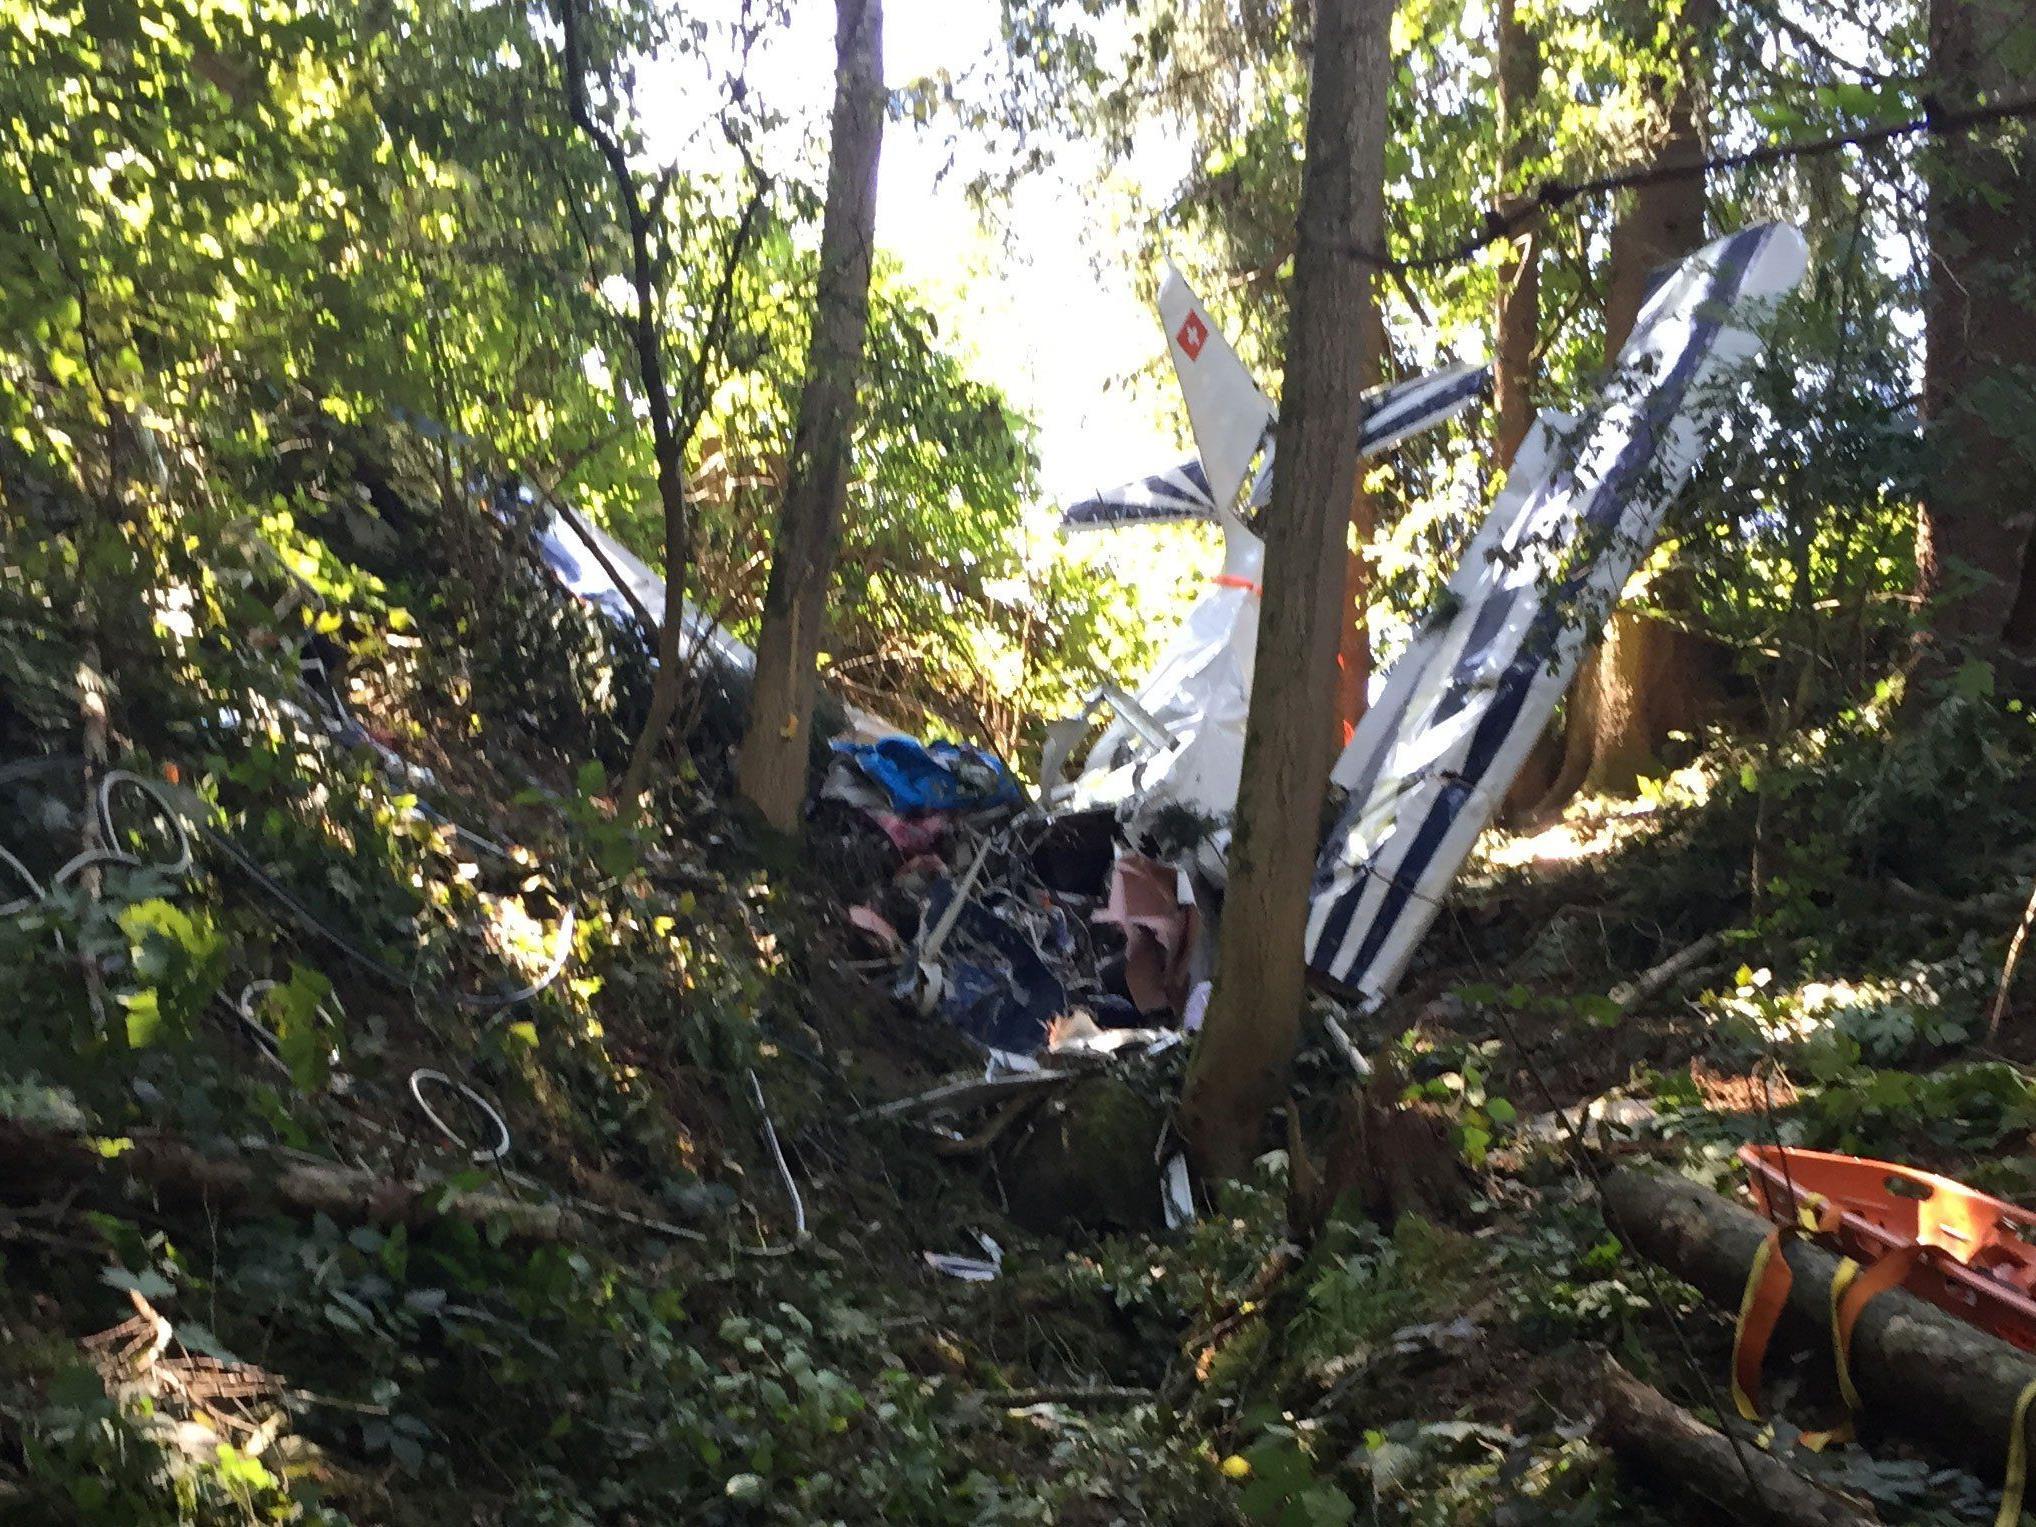 Das Kleinflugzeug wurde beim Aufschlag schwer beschädigt, für die Insassen kam jede Hilfe zu spät.